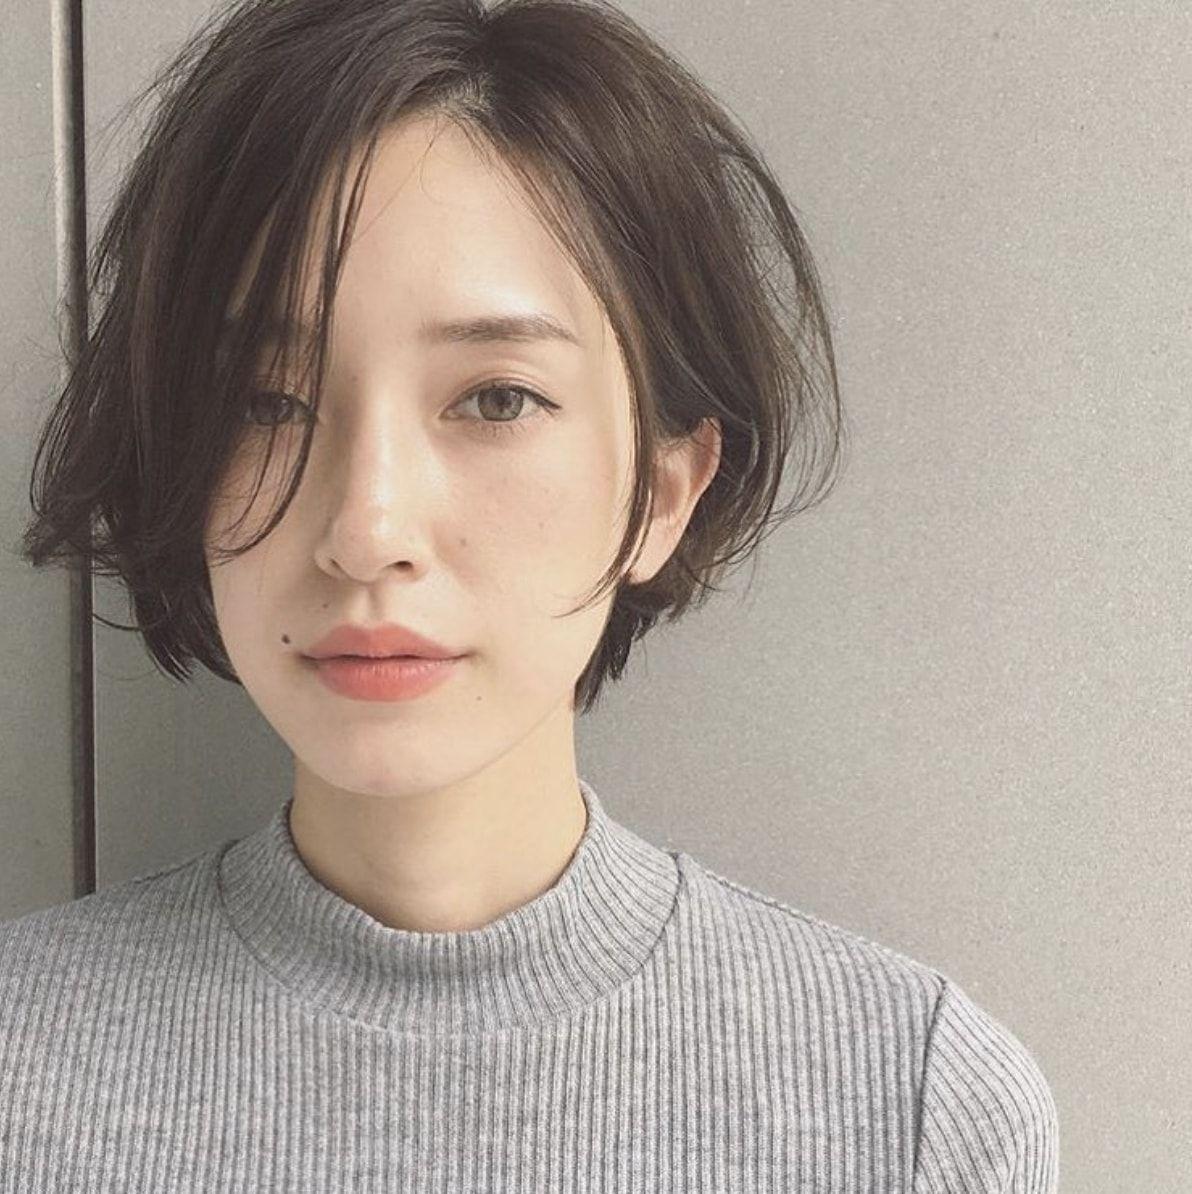 40代のショートボブヘアスタイル・髪型:前髪あり・前髪なし・面長・丸顔|LALA MAGAZINE